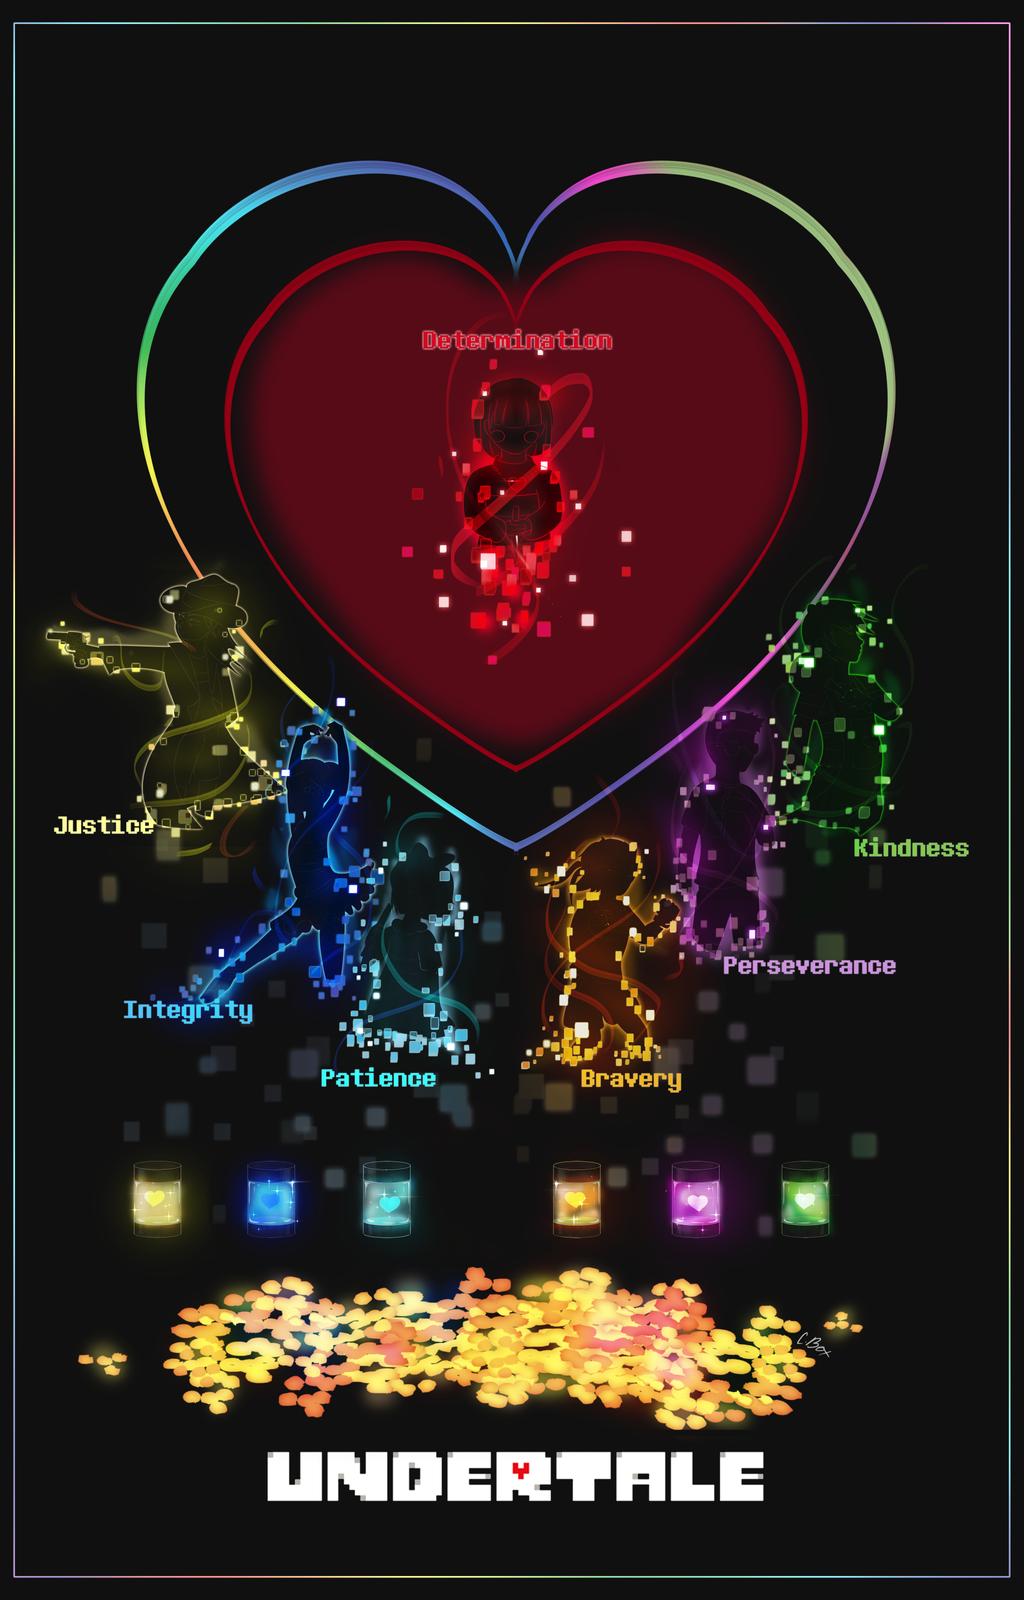 Undertale Poster Empty Souls By Enneworld Undertale Undertale Art Undertale Game